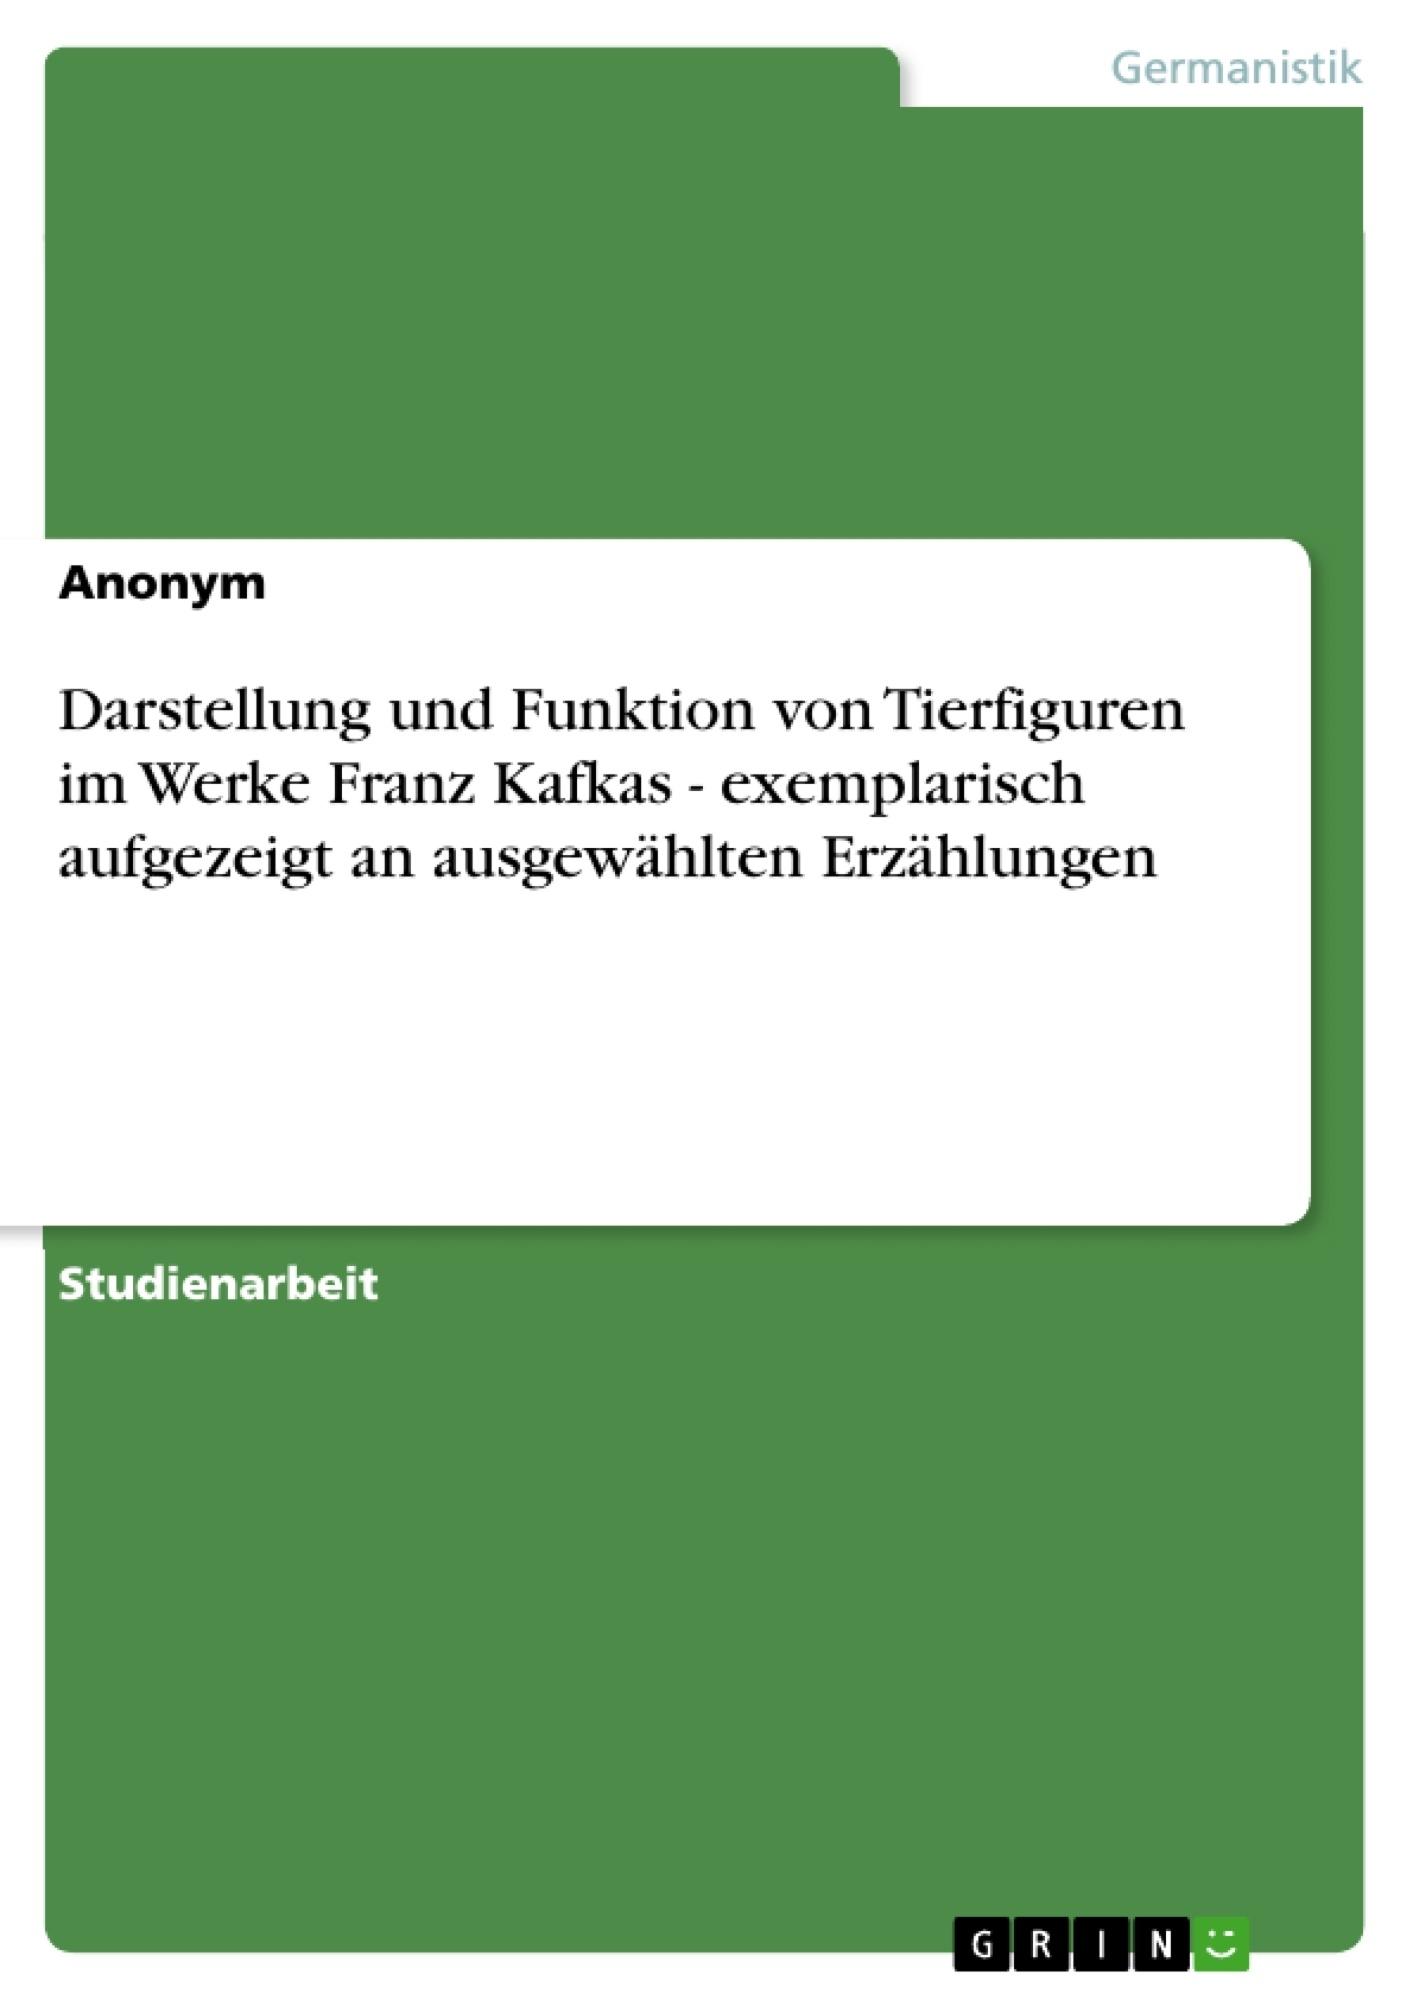 Titel: Darstellung und Funktion von Tierfiguren im Werke Franz Kafkas - exemplarisch aufgezeigt an ausgewählten Erzählungen